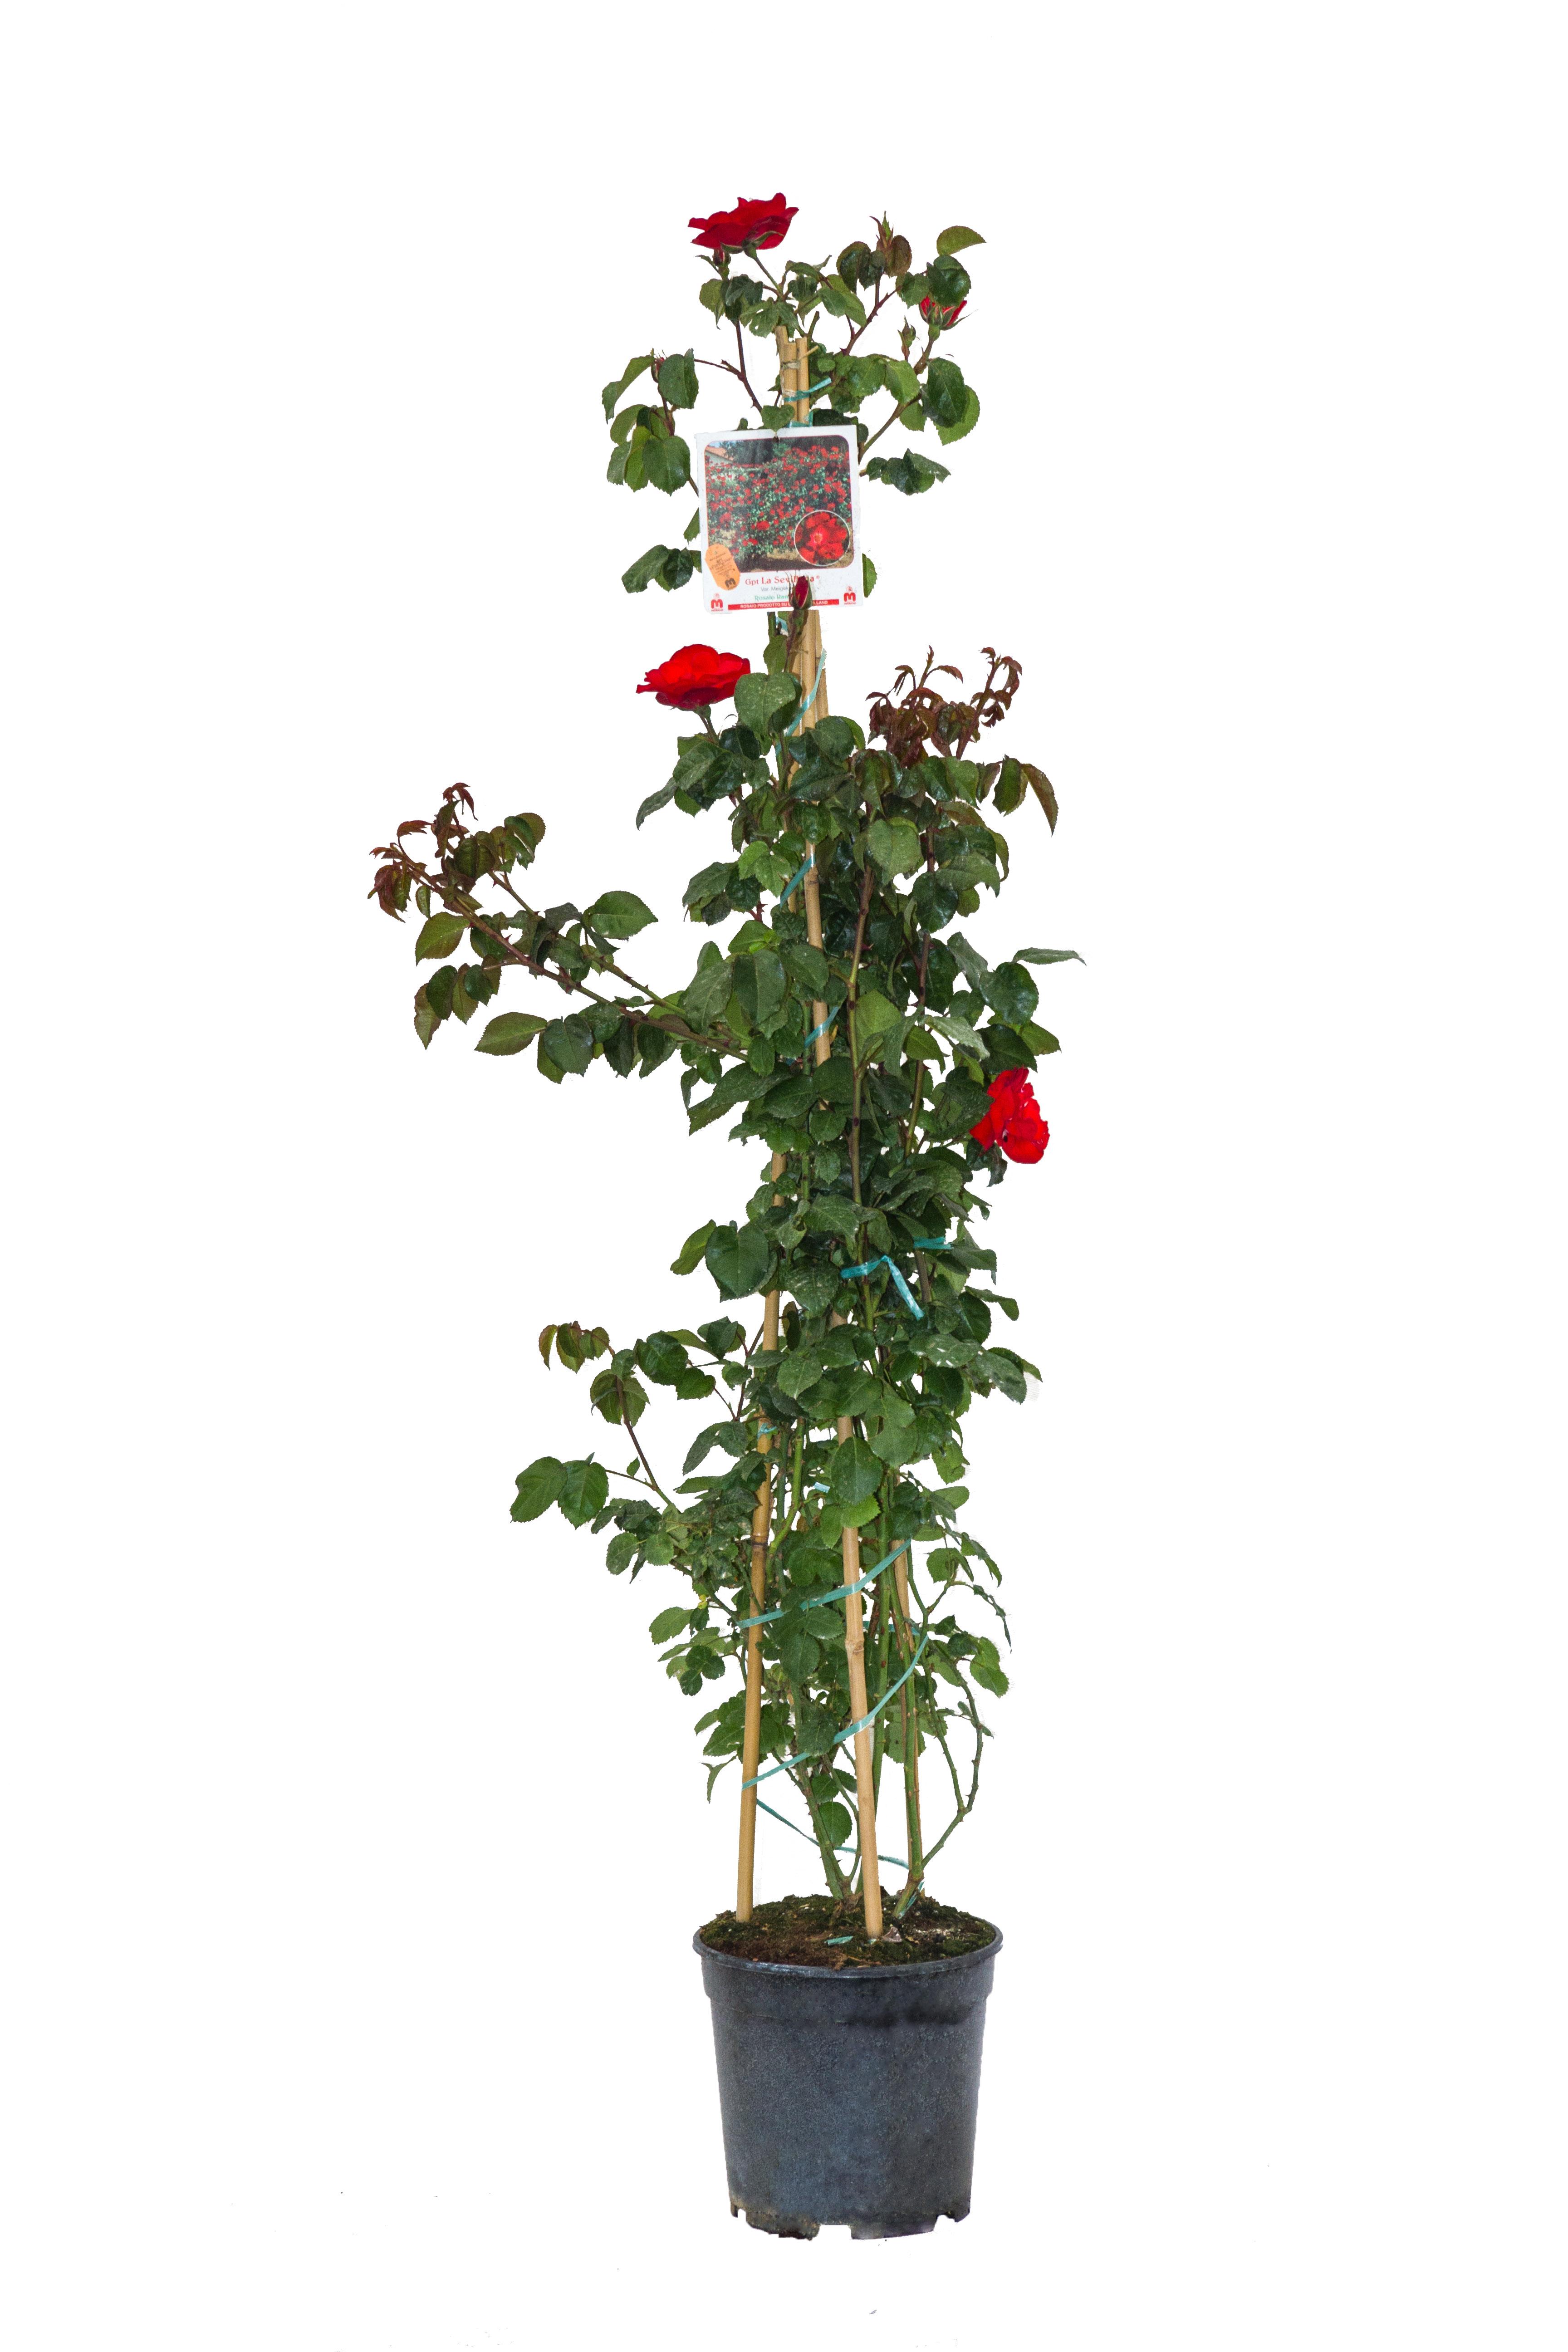 Rosa Rampicante In Vaso rosa rampicante v. 21cm h 120cm – agria fiorita s.r.l